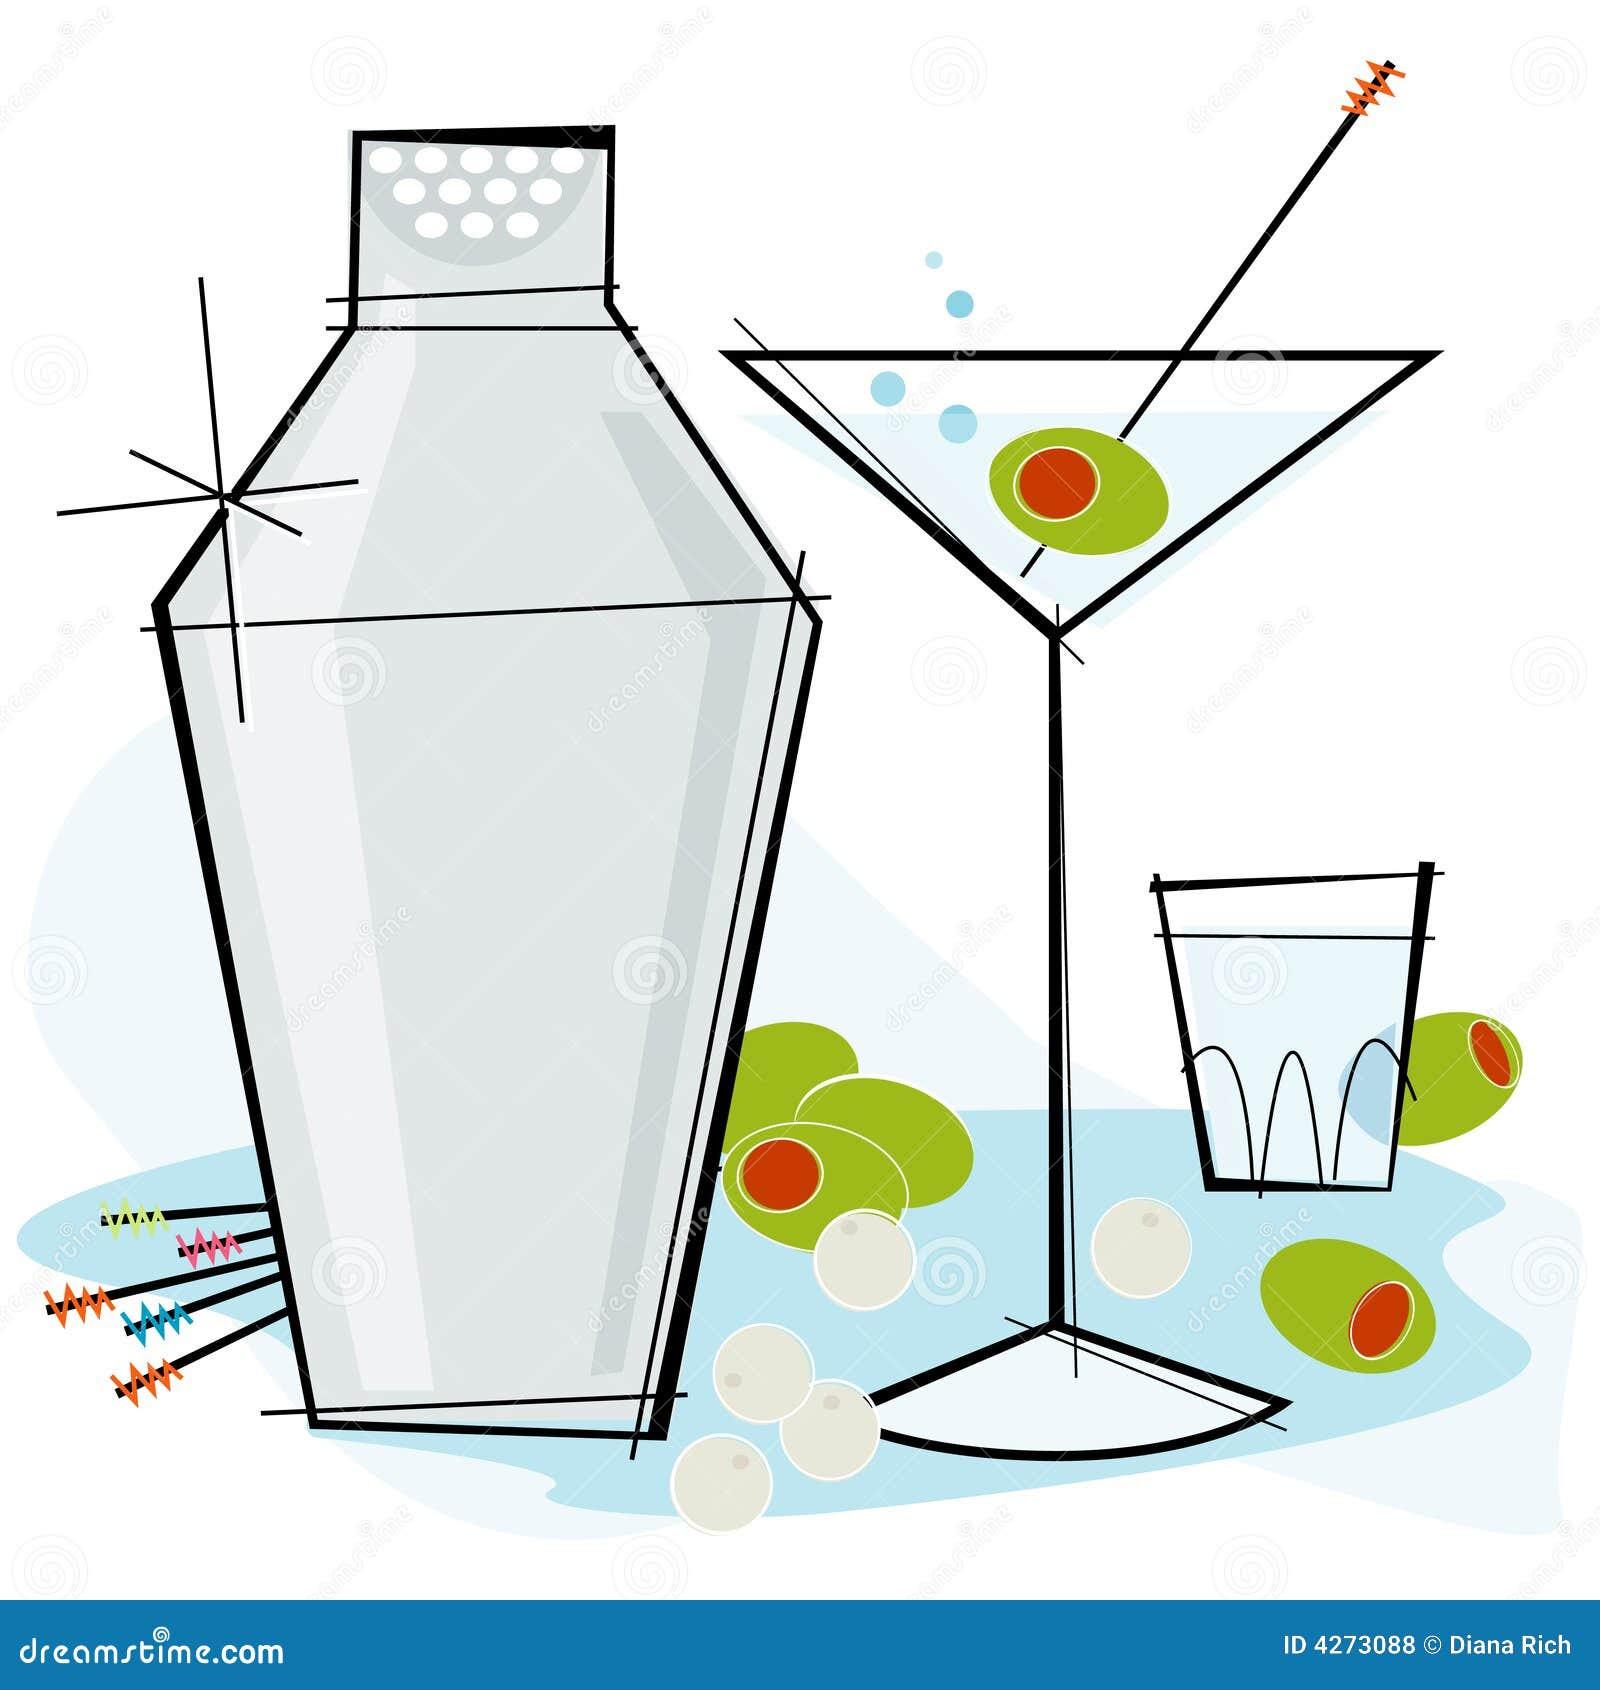 retro style martini 4273088